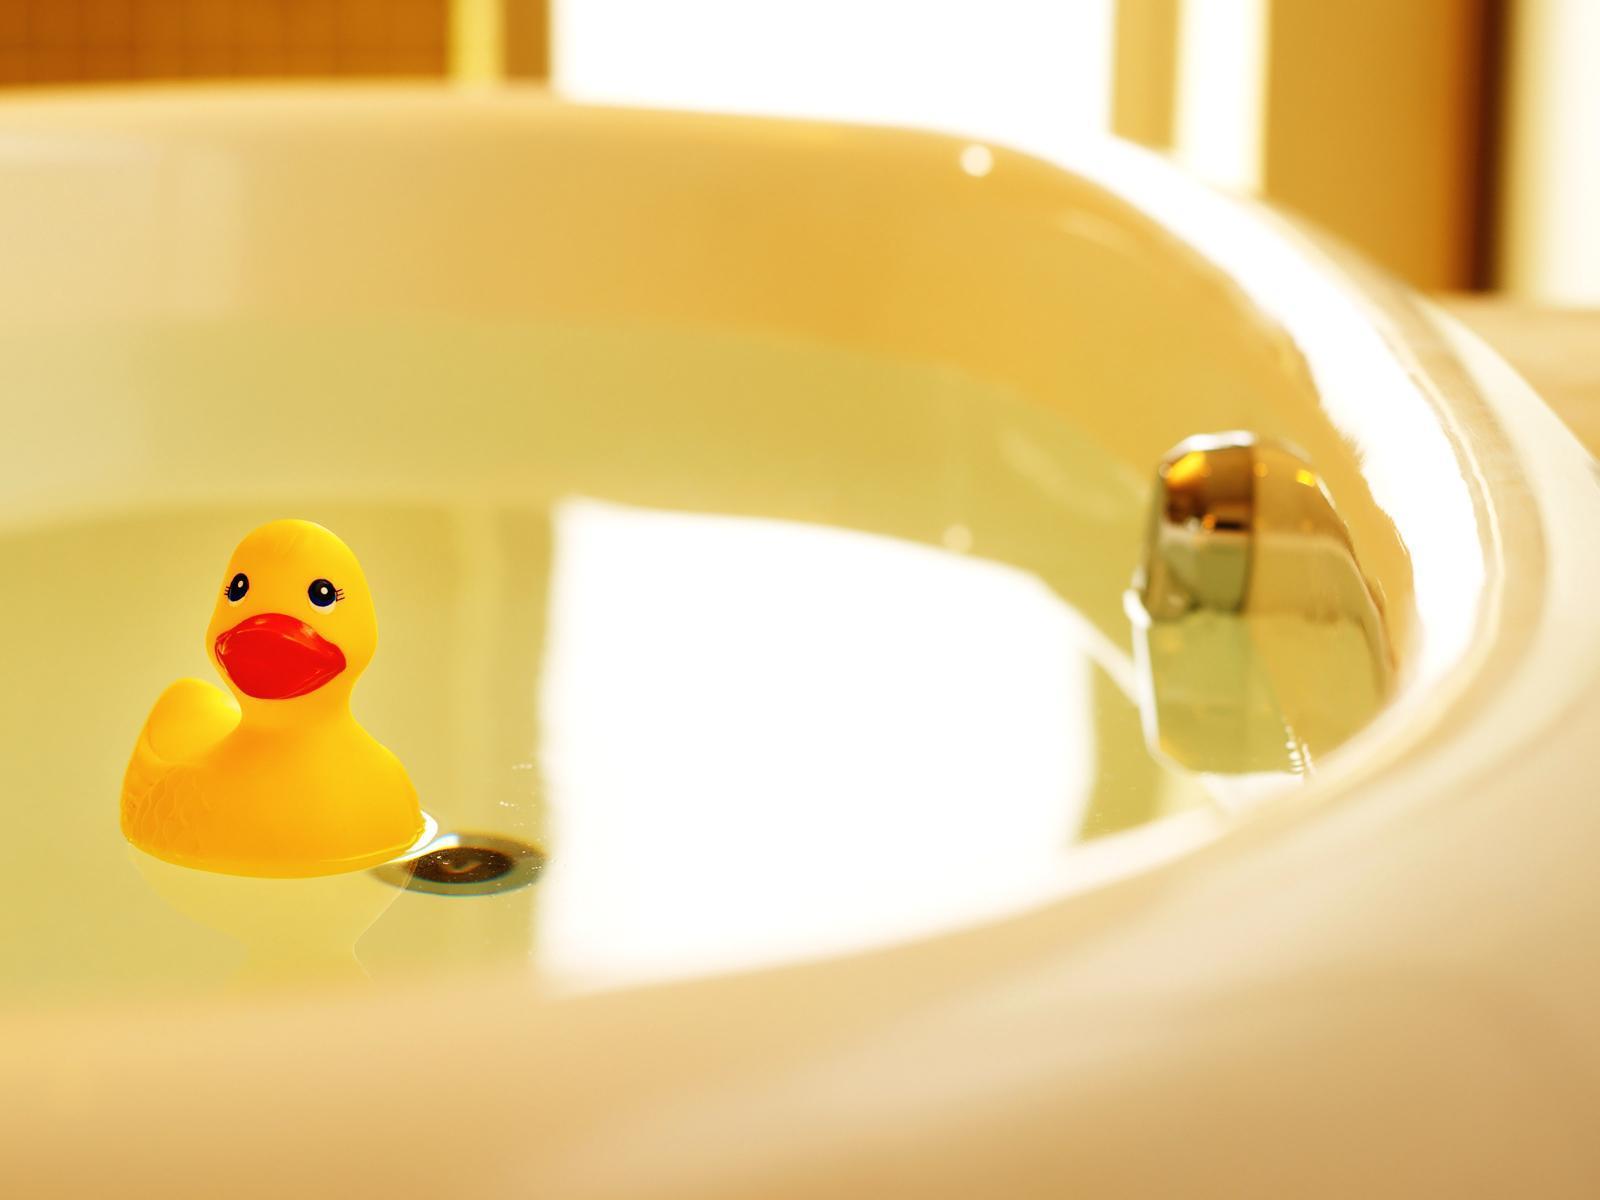 rubber duck wallpaper - photo #15